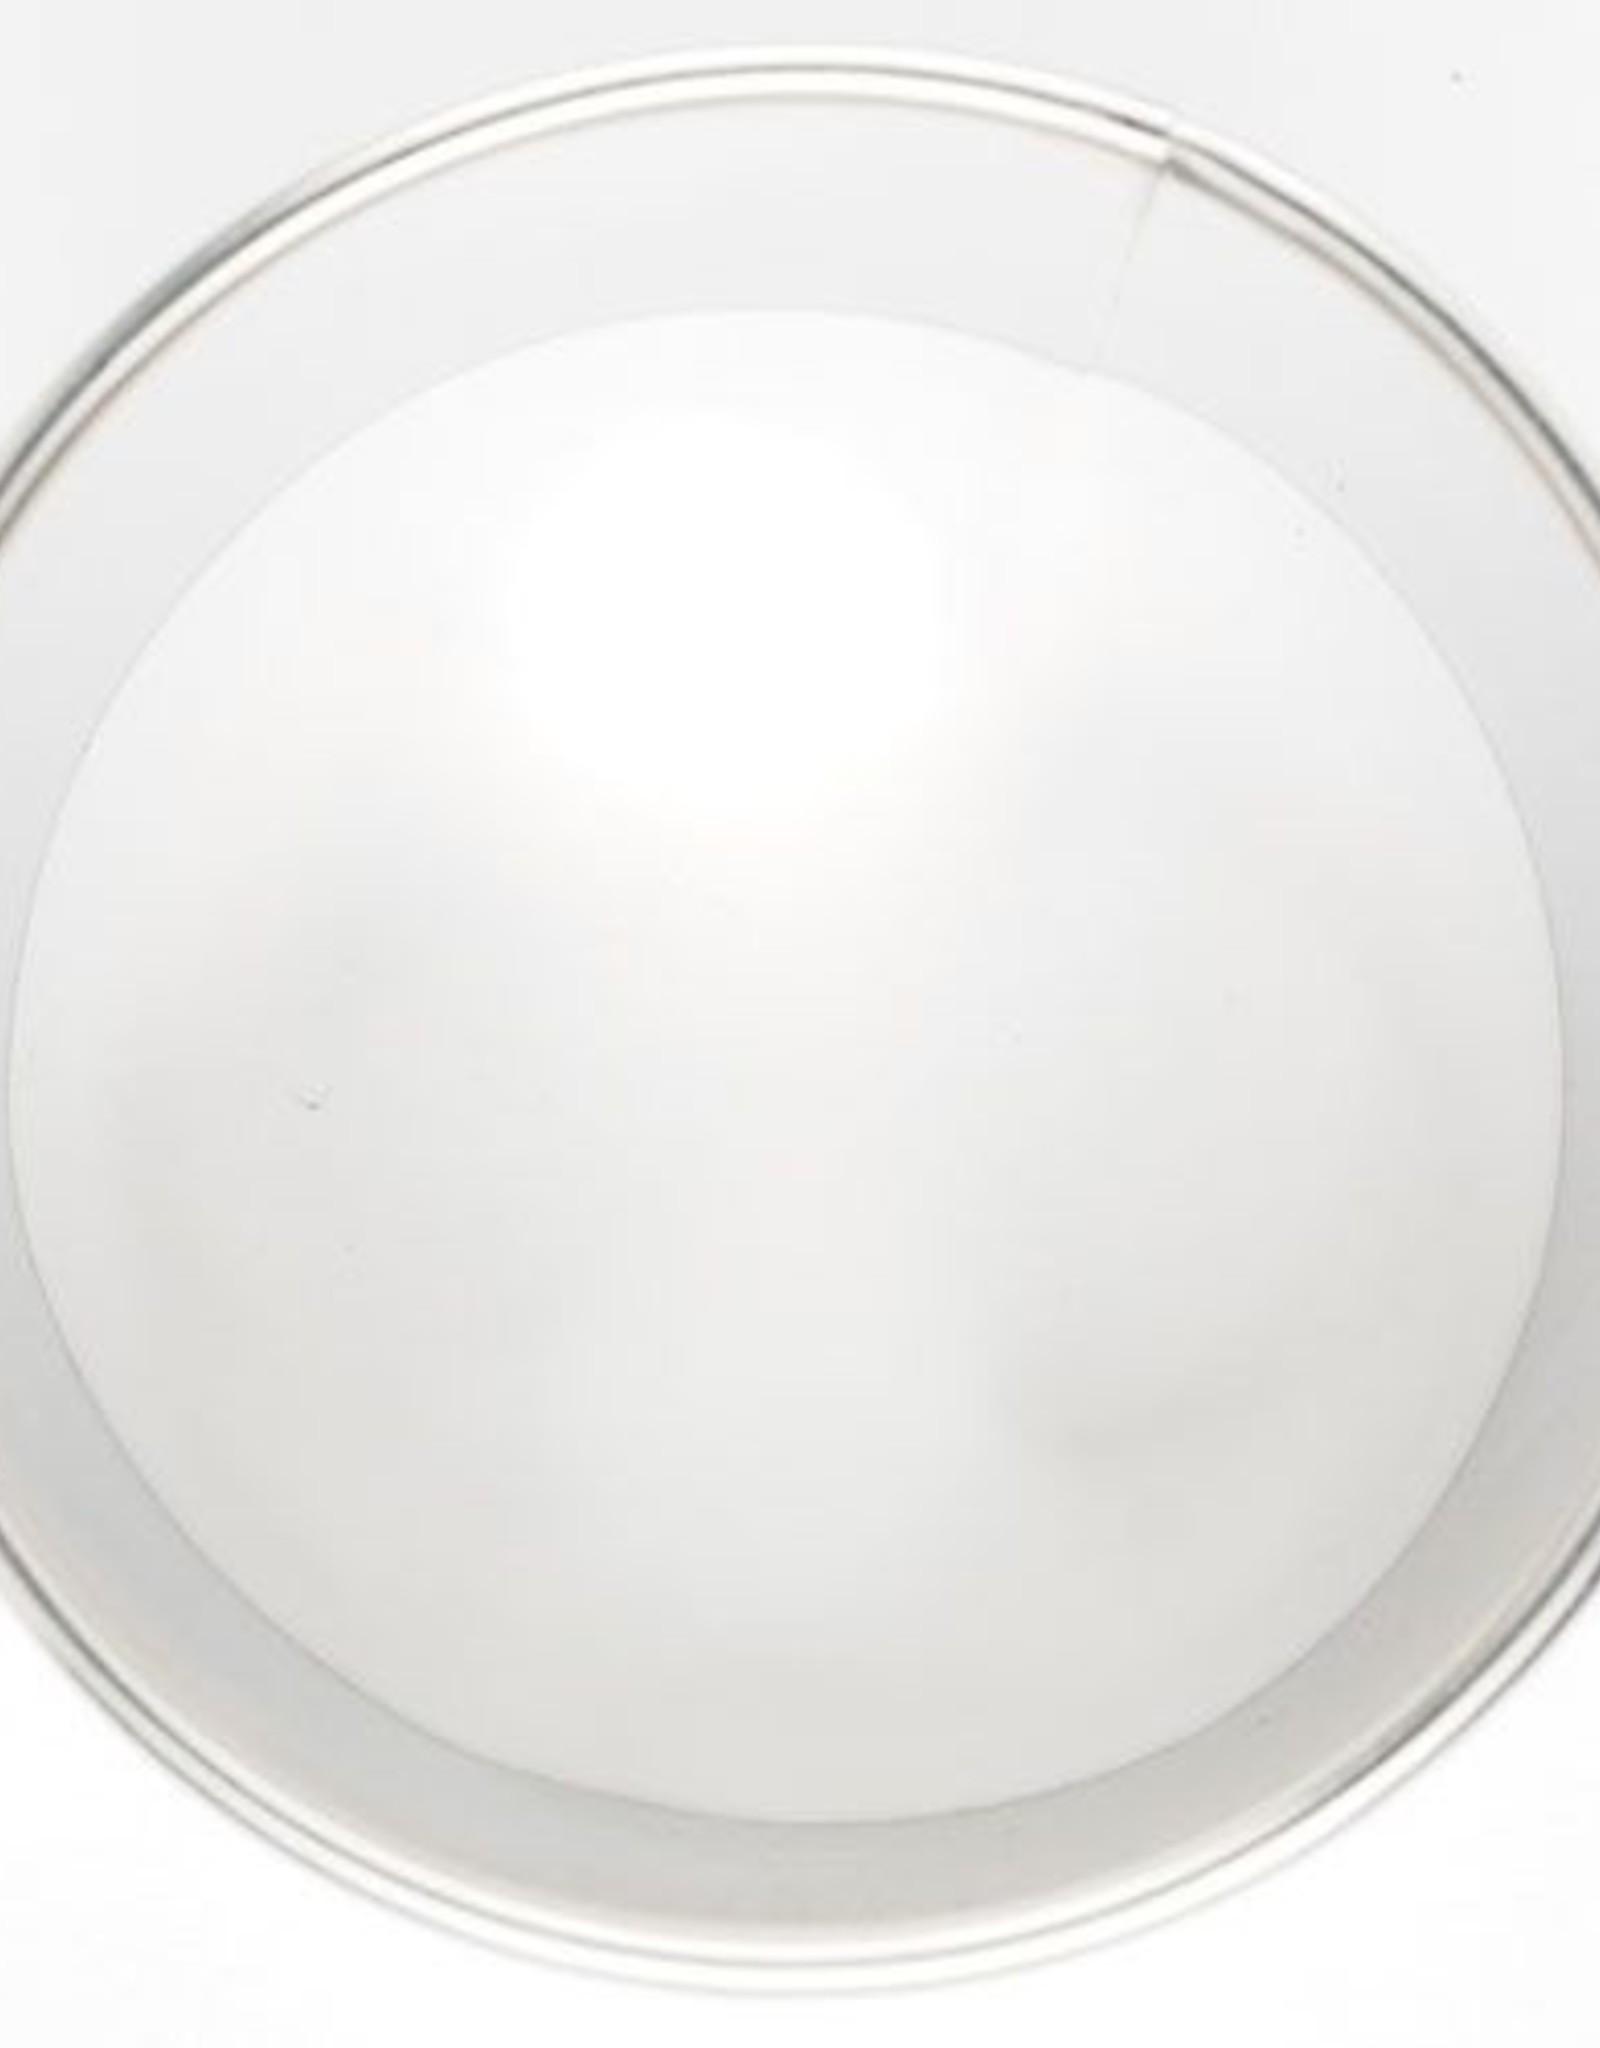 Uitsteker ring - 6,2 cm